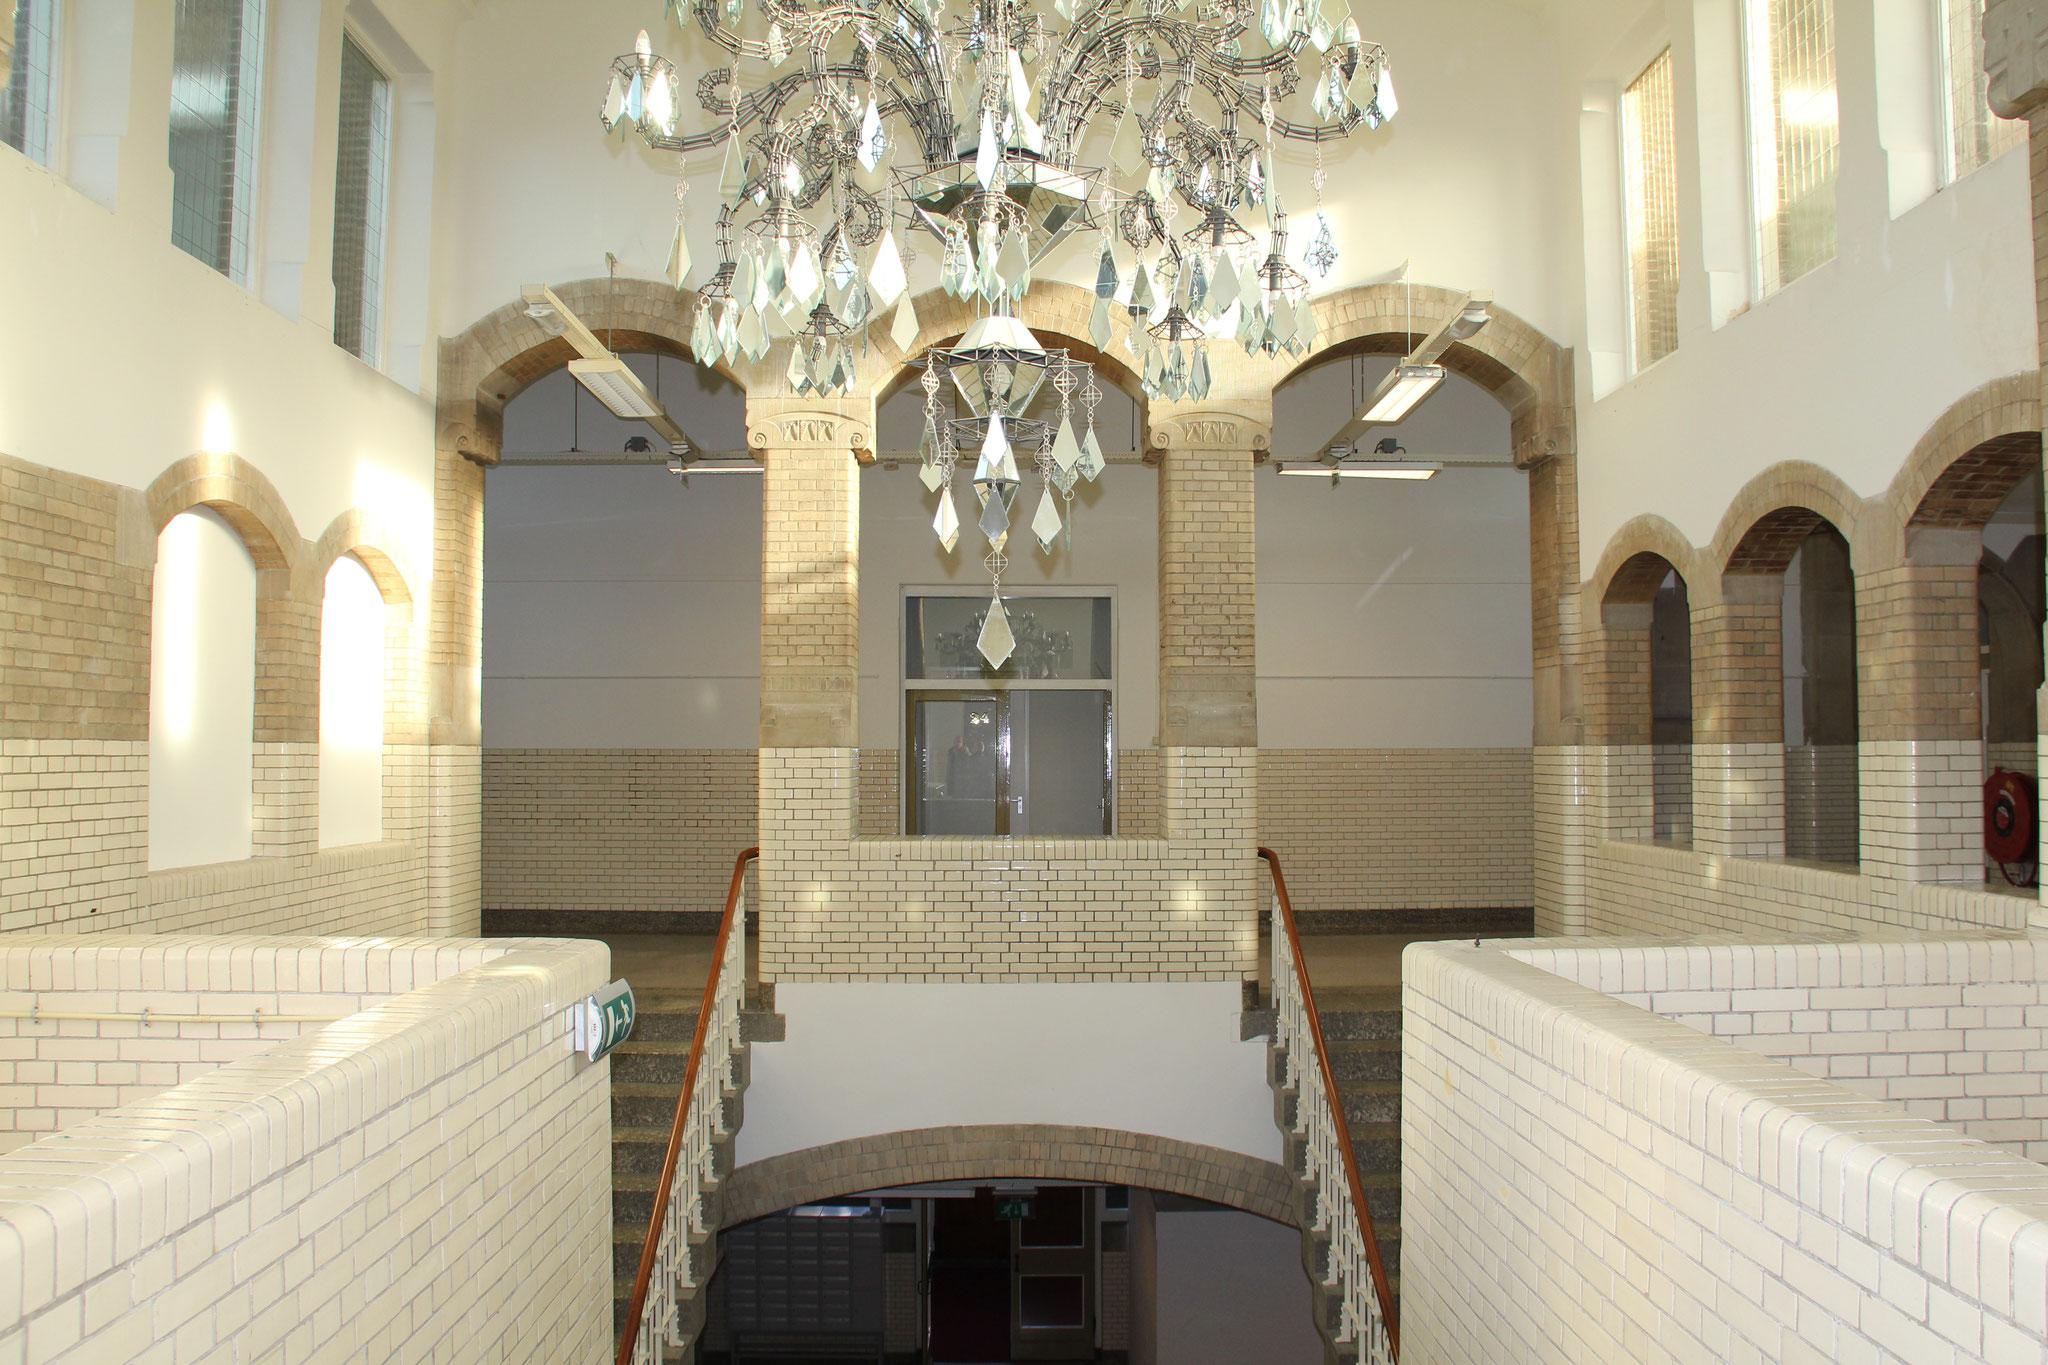 Trappenhuis, waarvan gezegd wordt dat M.C. Escher deze als inspiratie voor zijn tekeningen heeft gebruikt.